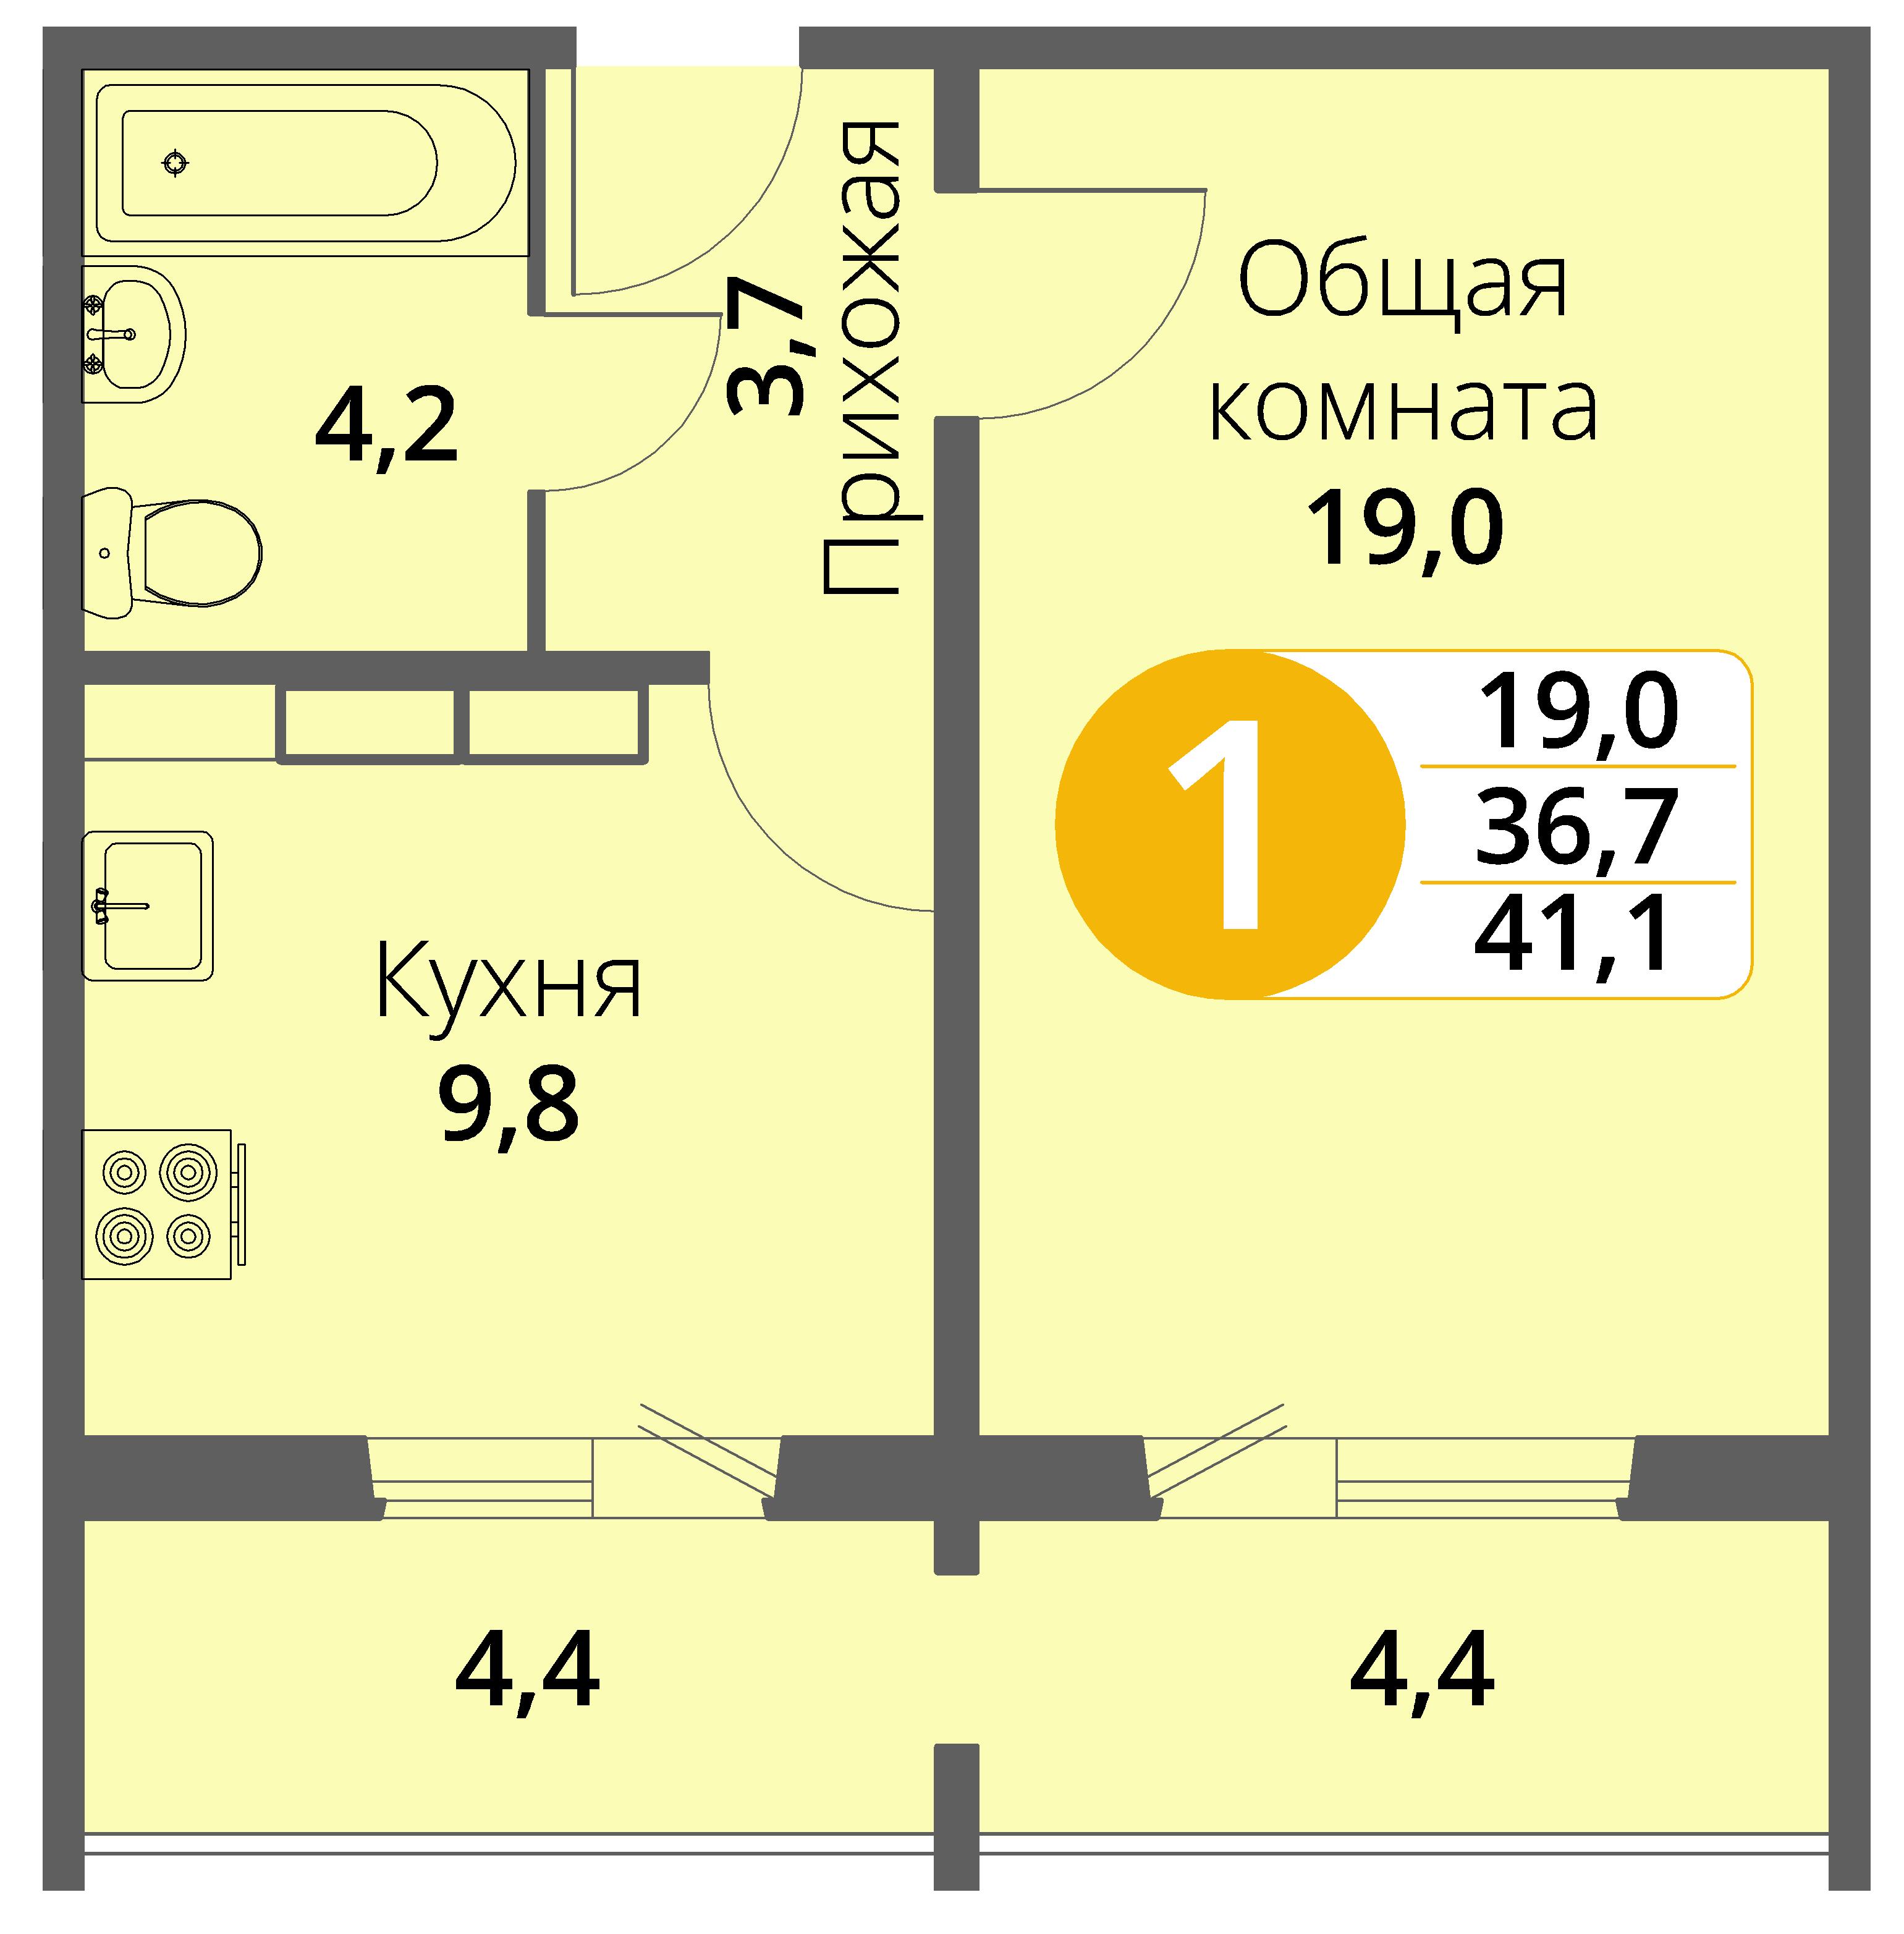 Зареченская 1-2, квартира 93 - Однокомнатная